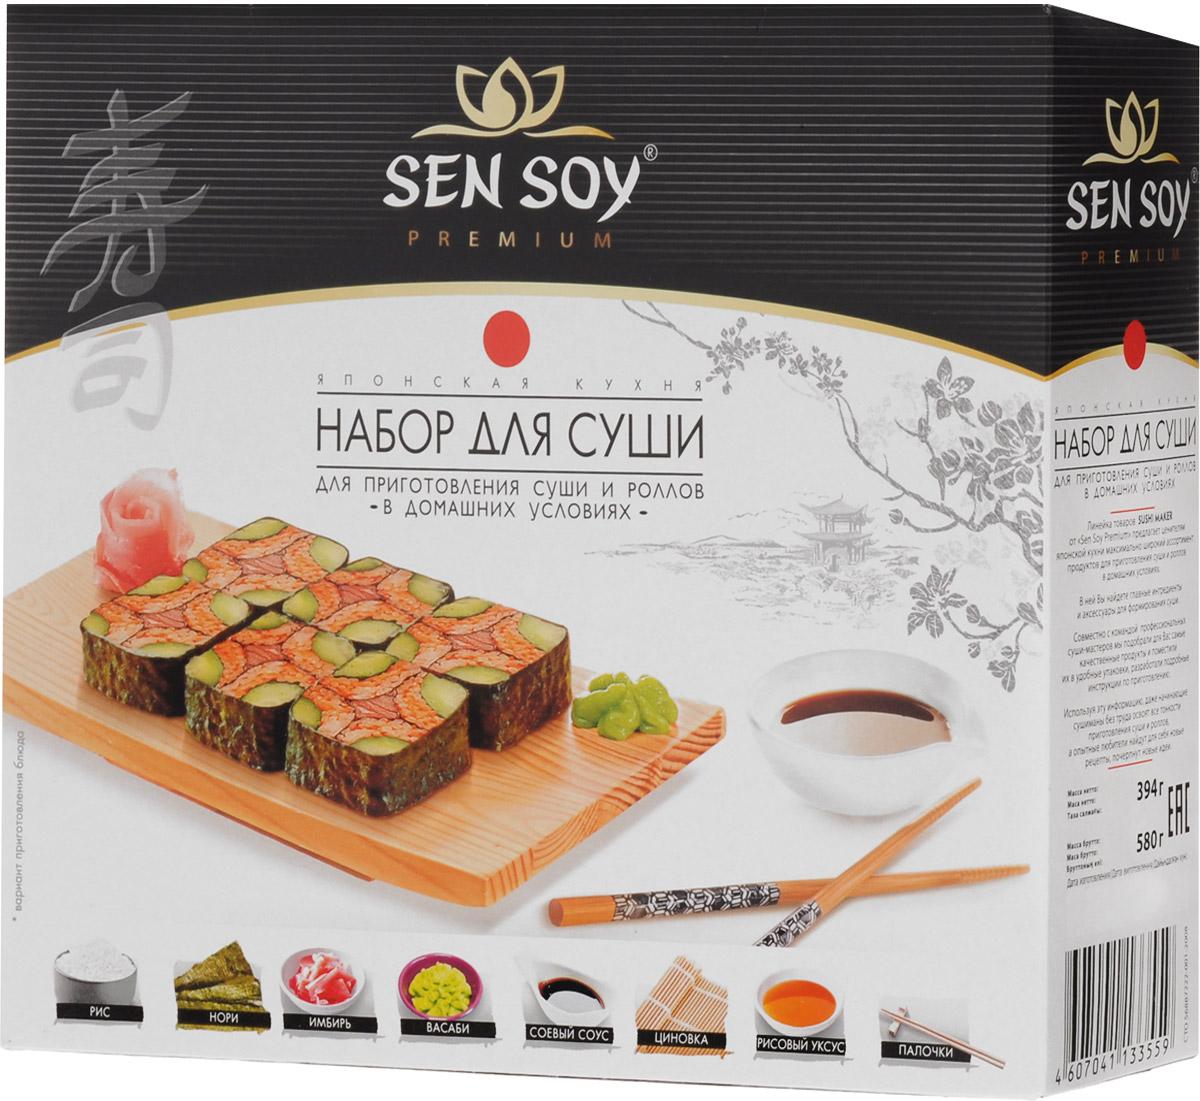 Sen Soy Набор для суши, 394 г рис sen soy для суши